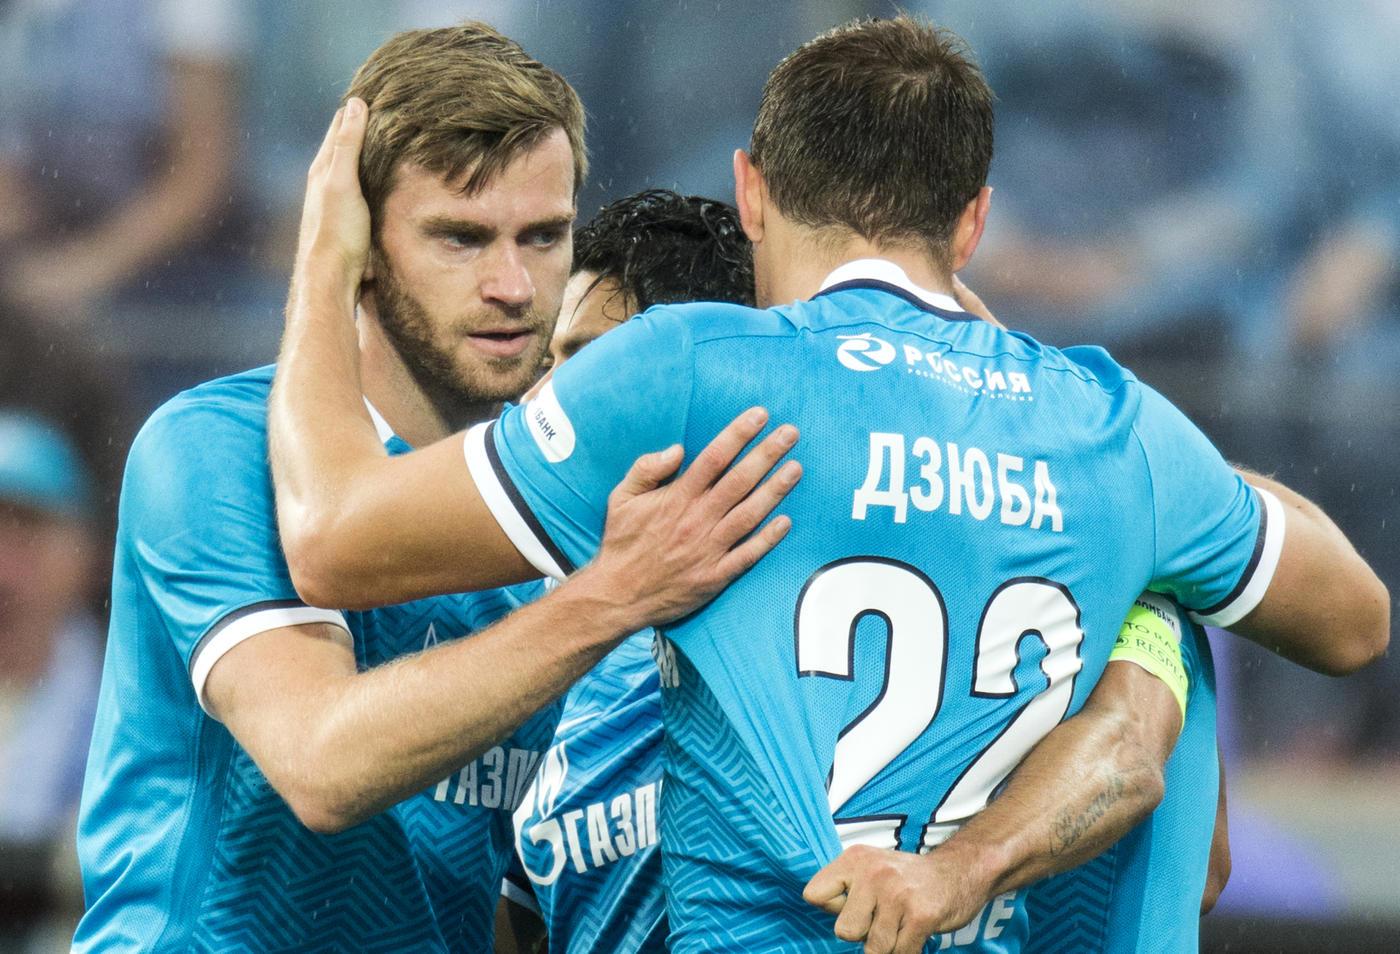 Ломбертс: «Думаю Бельгия выиграет 3:1. России предстоит много защищаться» - фото